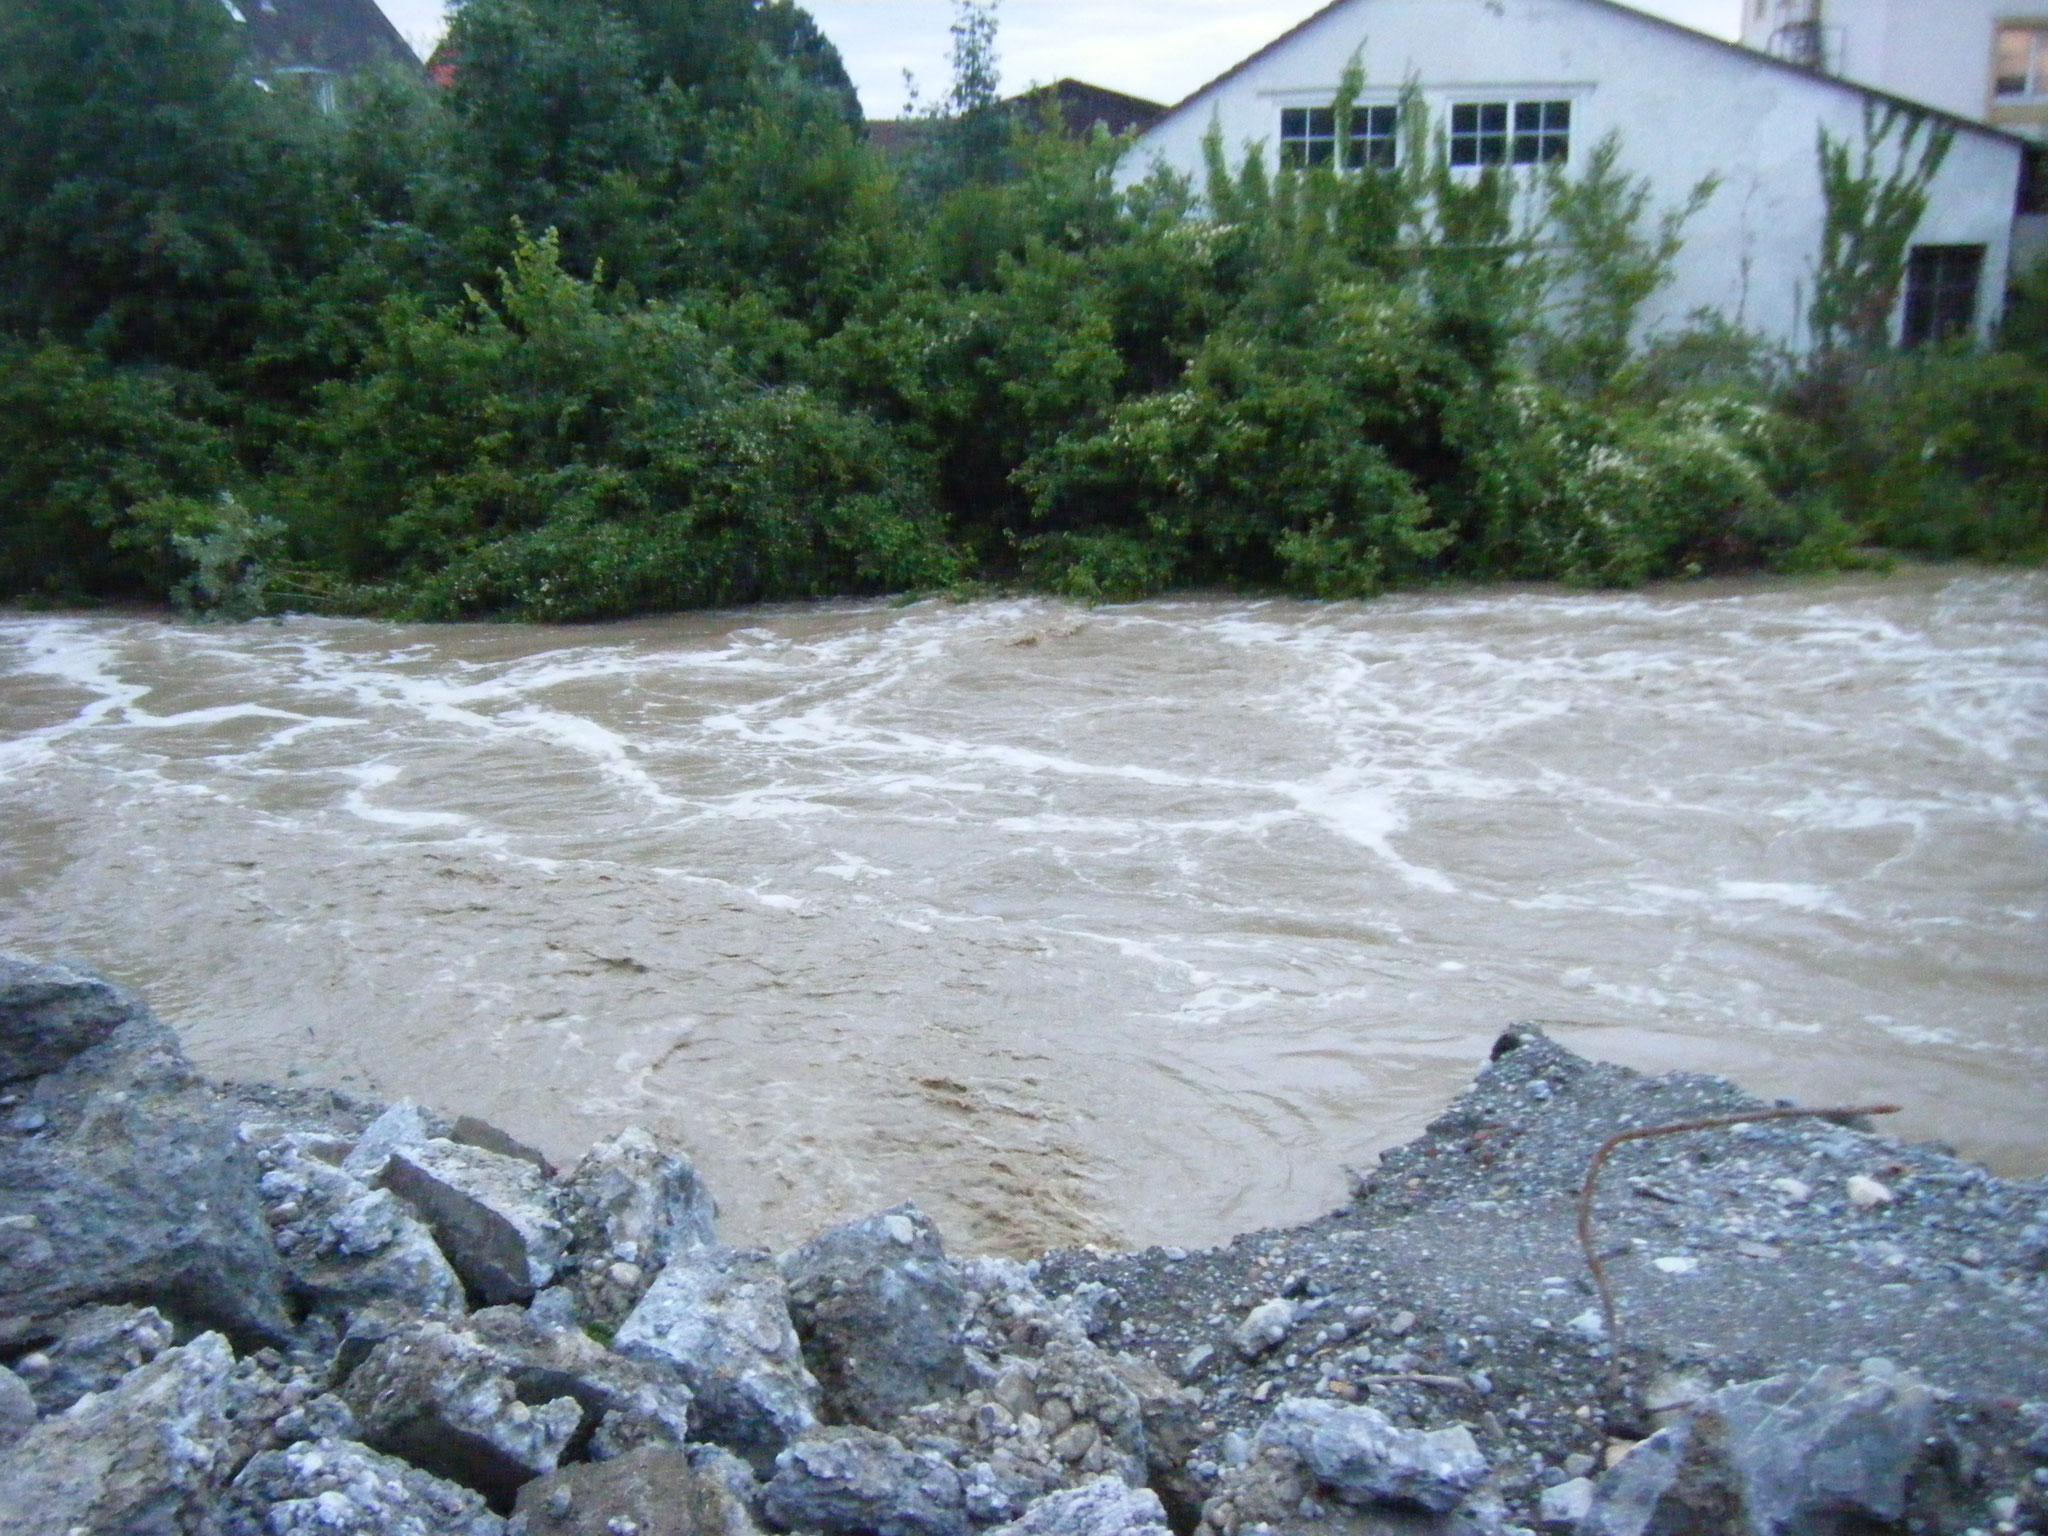 Die Rotach ist nicht harmlos, sondern schon ab 2 m Pegel ein reissender Fluss, das Wasser sollte dringend mehr Raum bekommen